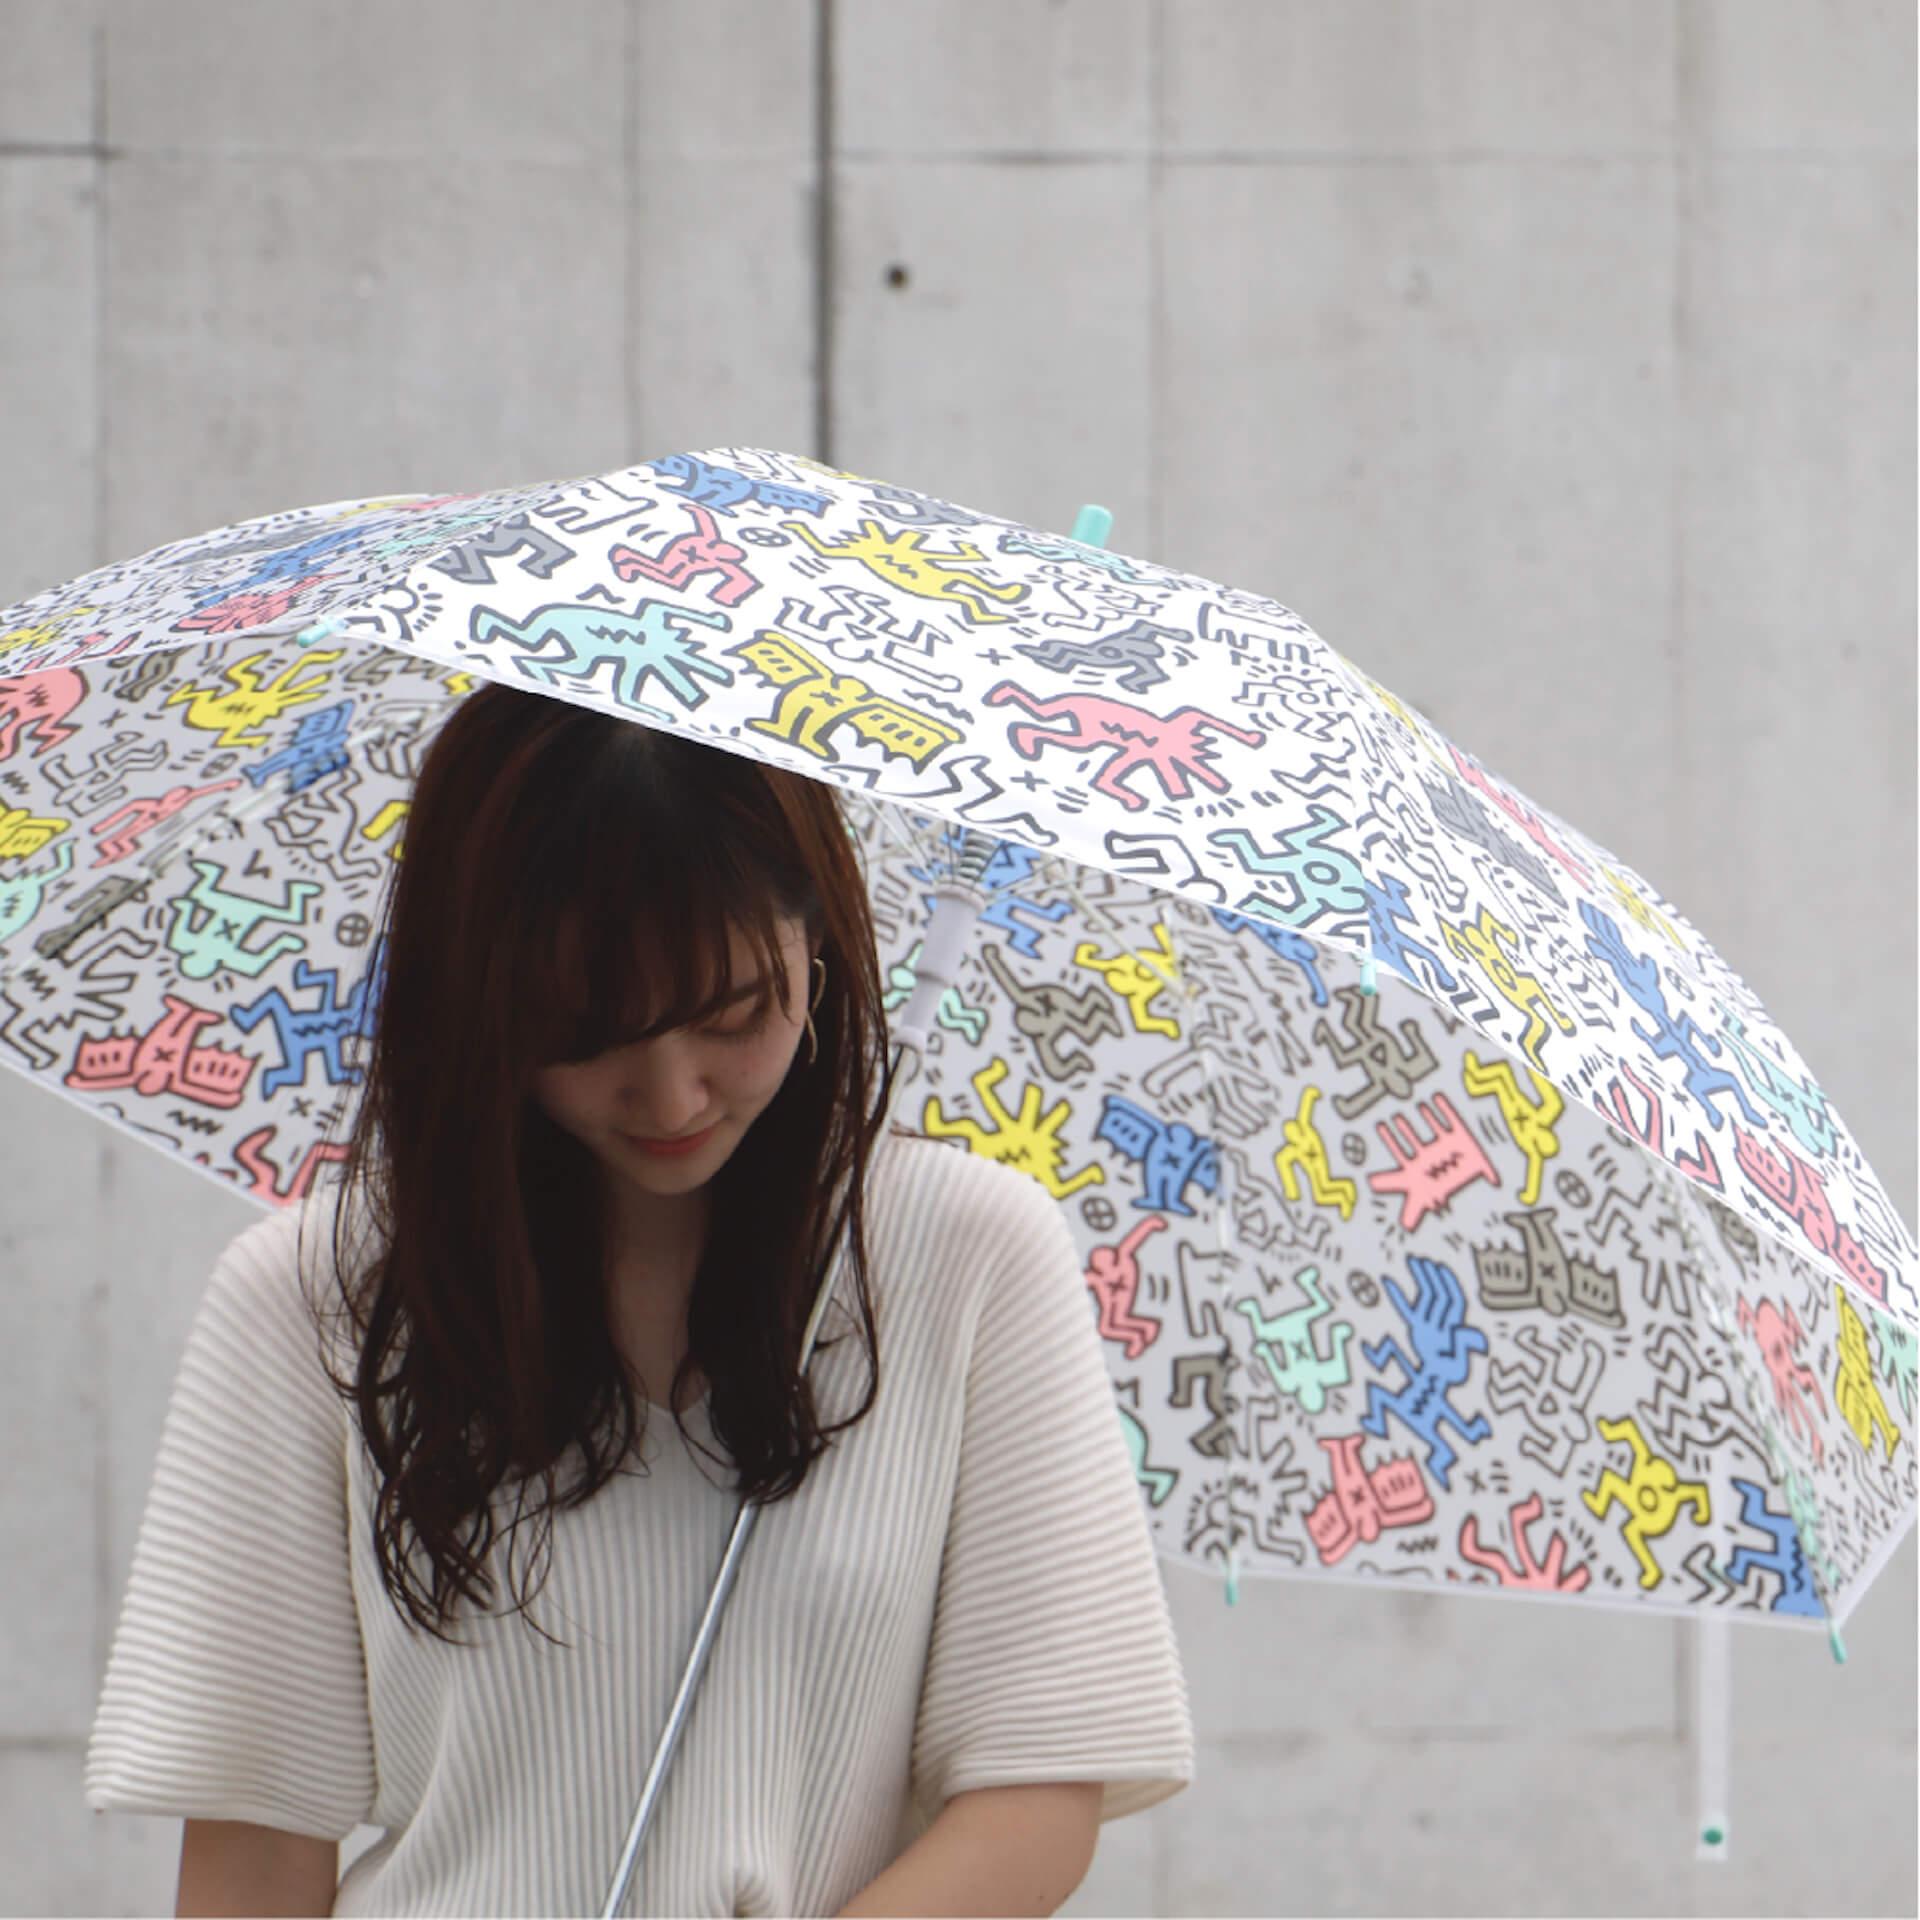 キース・ヘリングのアートデザインのビニール傘がセブンネットショッピングで先行予約開始!カラフル、モノトーンなど3種 lf200625_keith_haring_umbrella_08